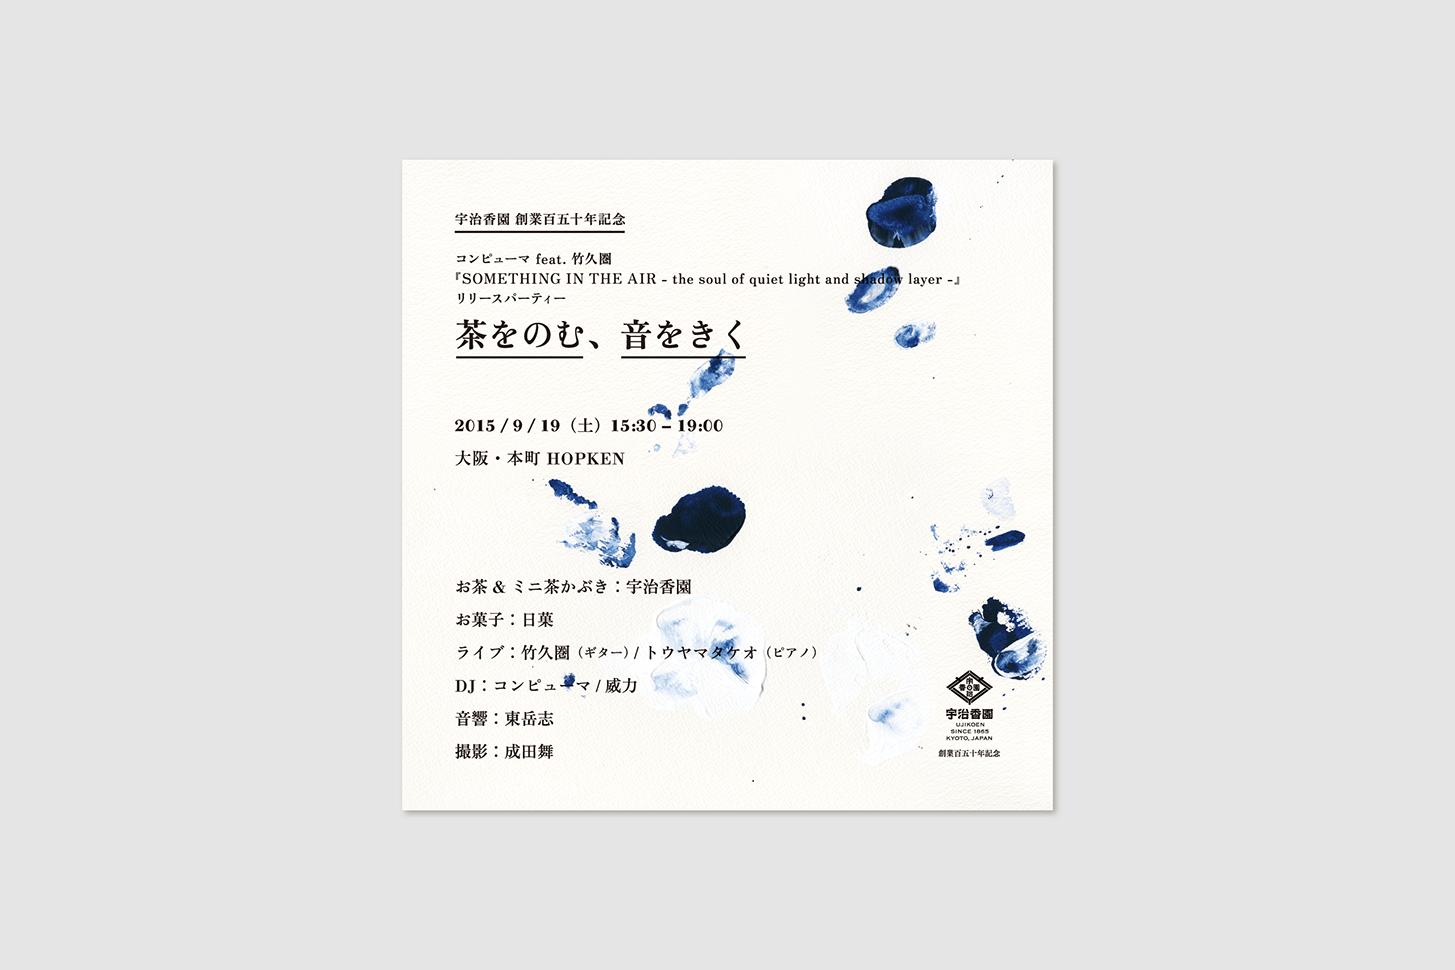 ocha_01